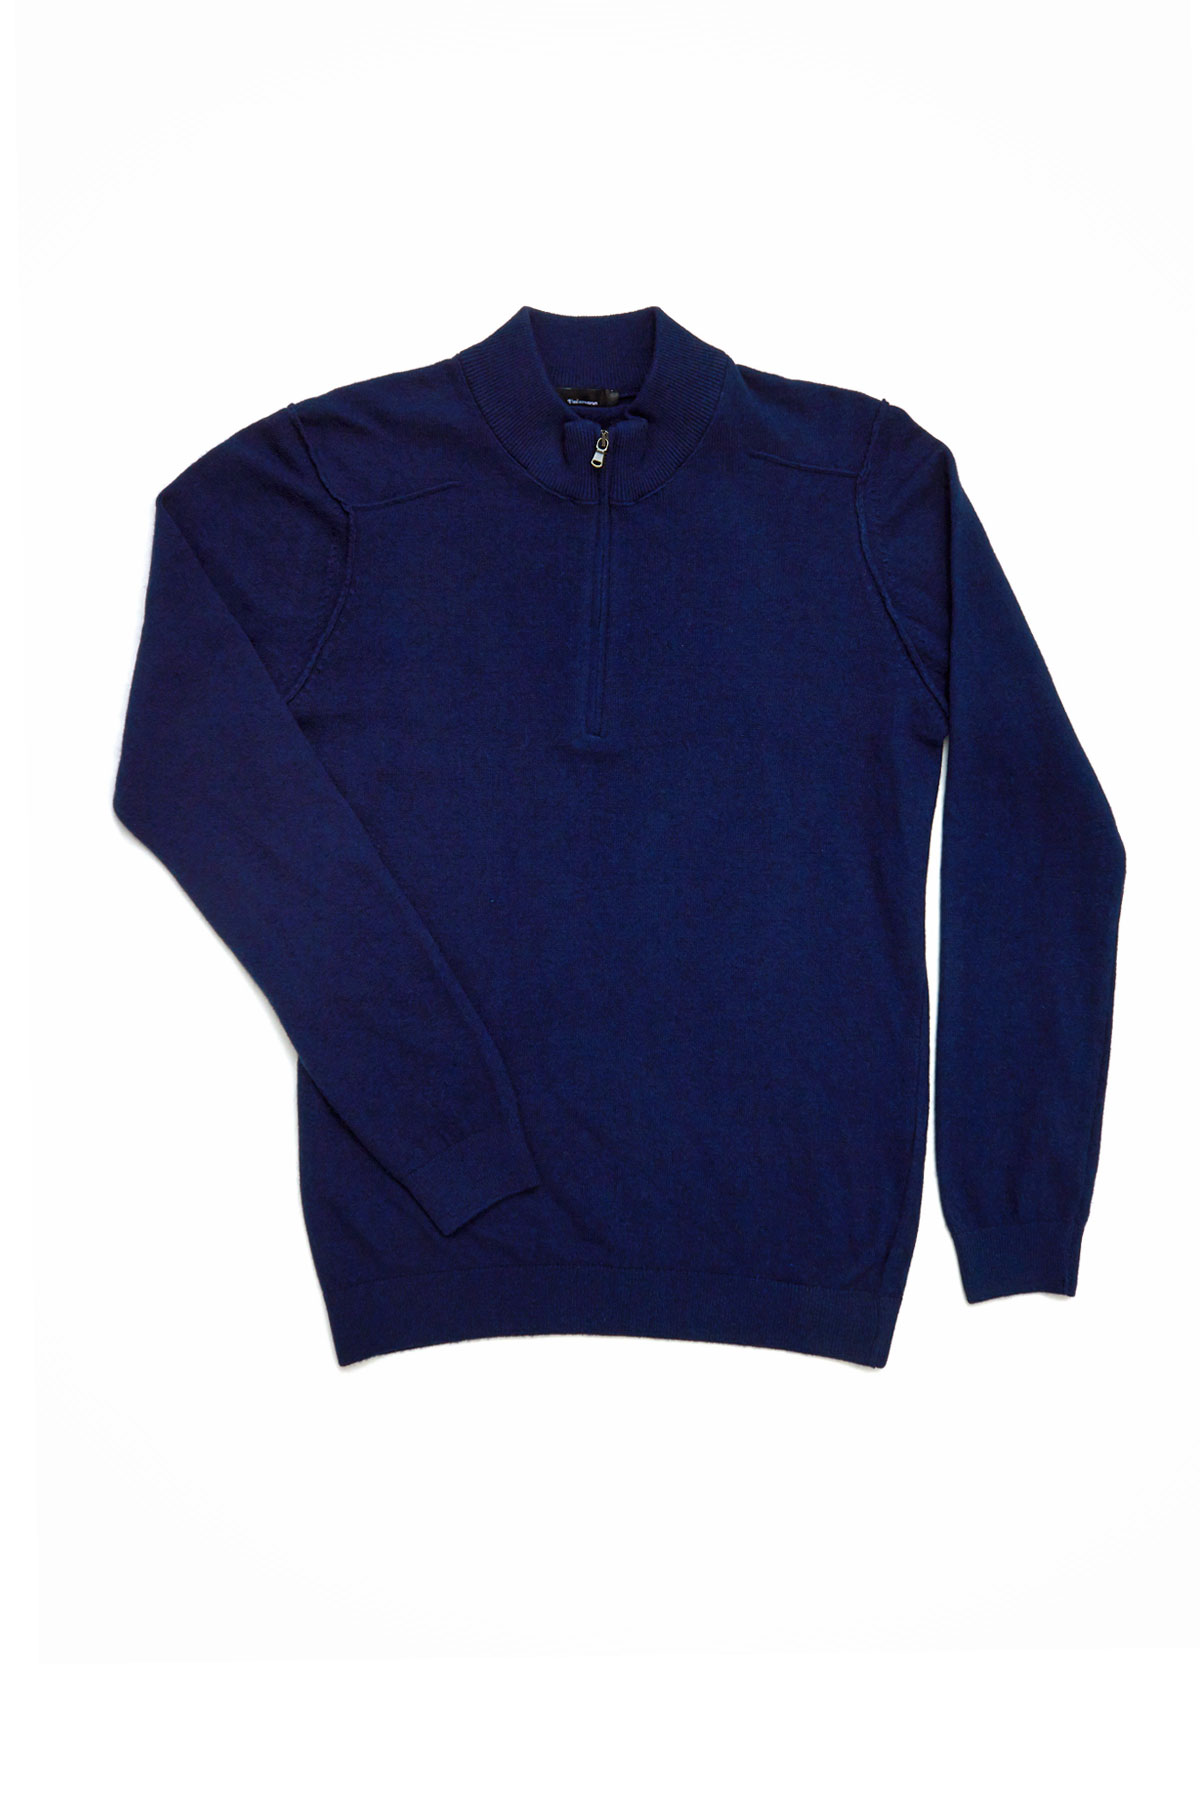 Свитер темно-синего цвета Vaismann VM-18-1830-19